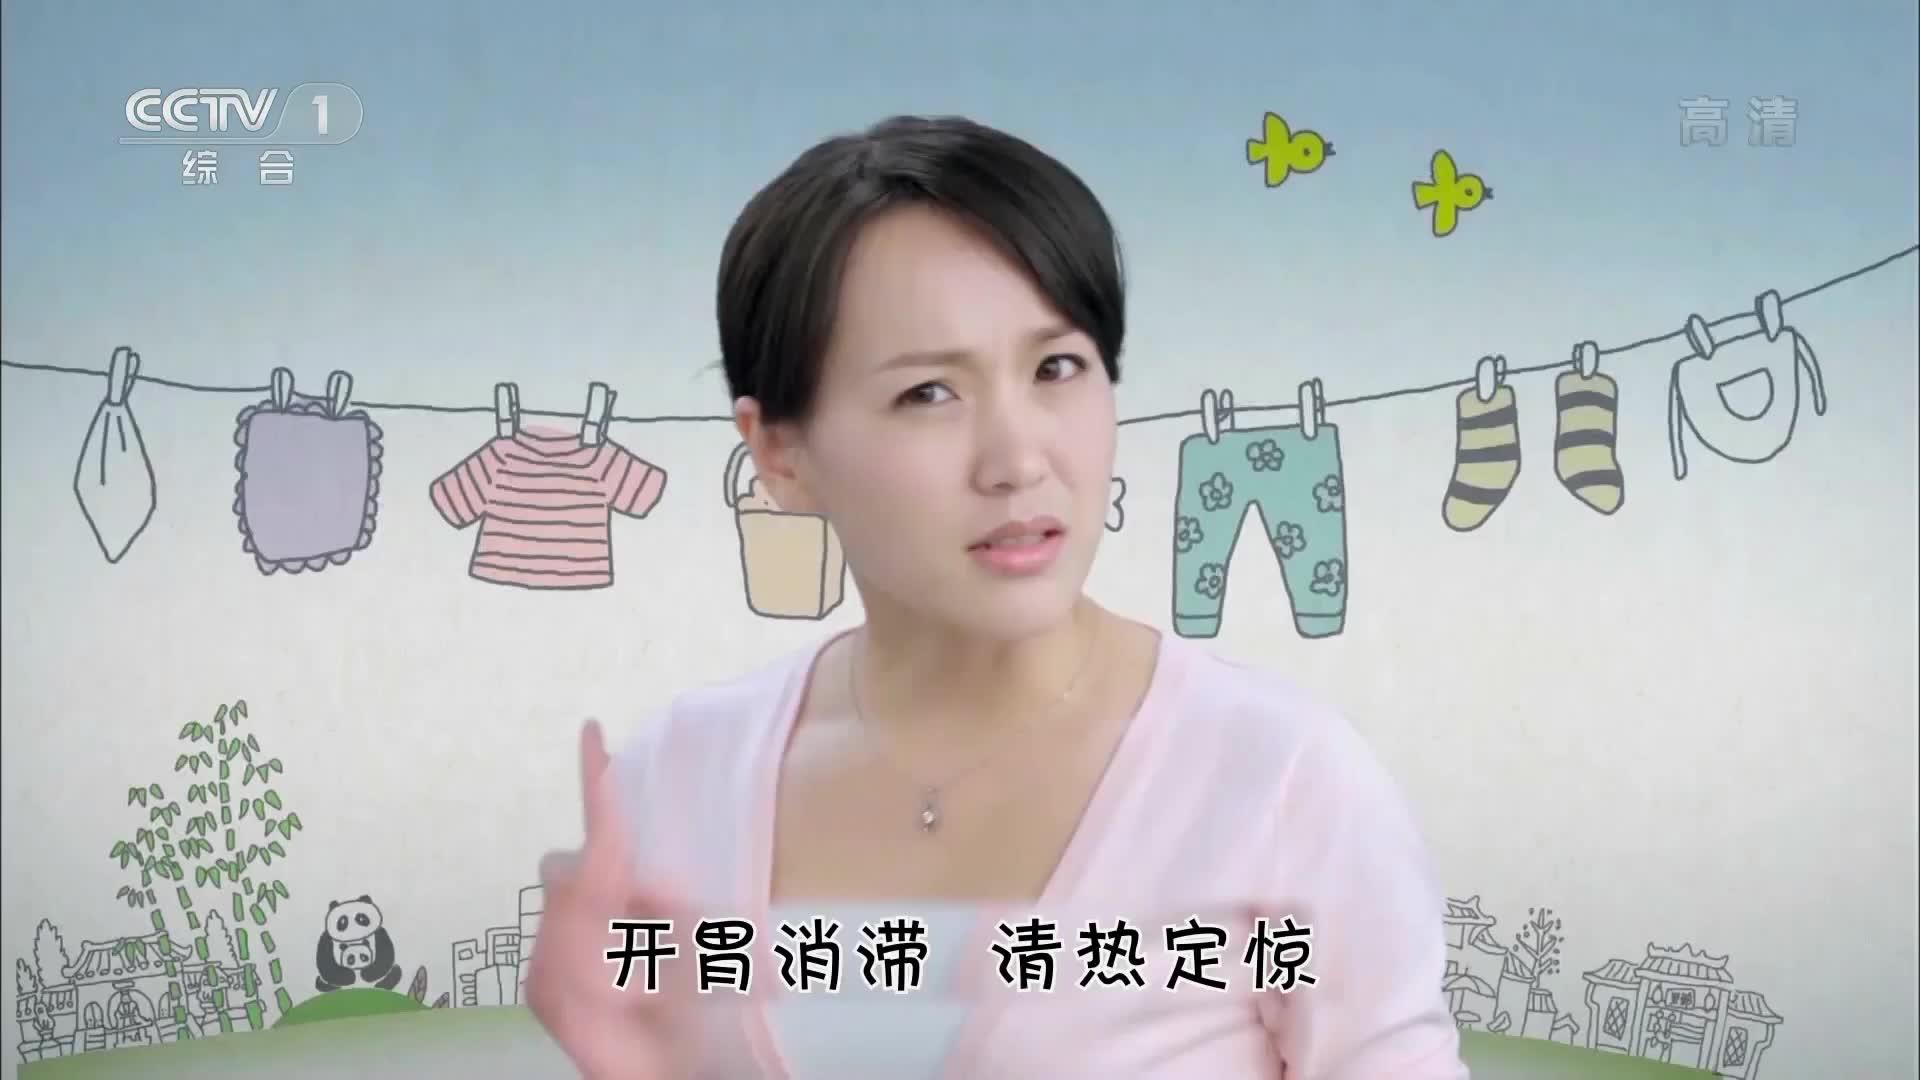 央视广告欣赏-三公仔小儿七星茶颗粒